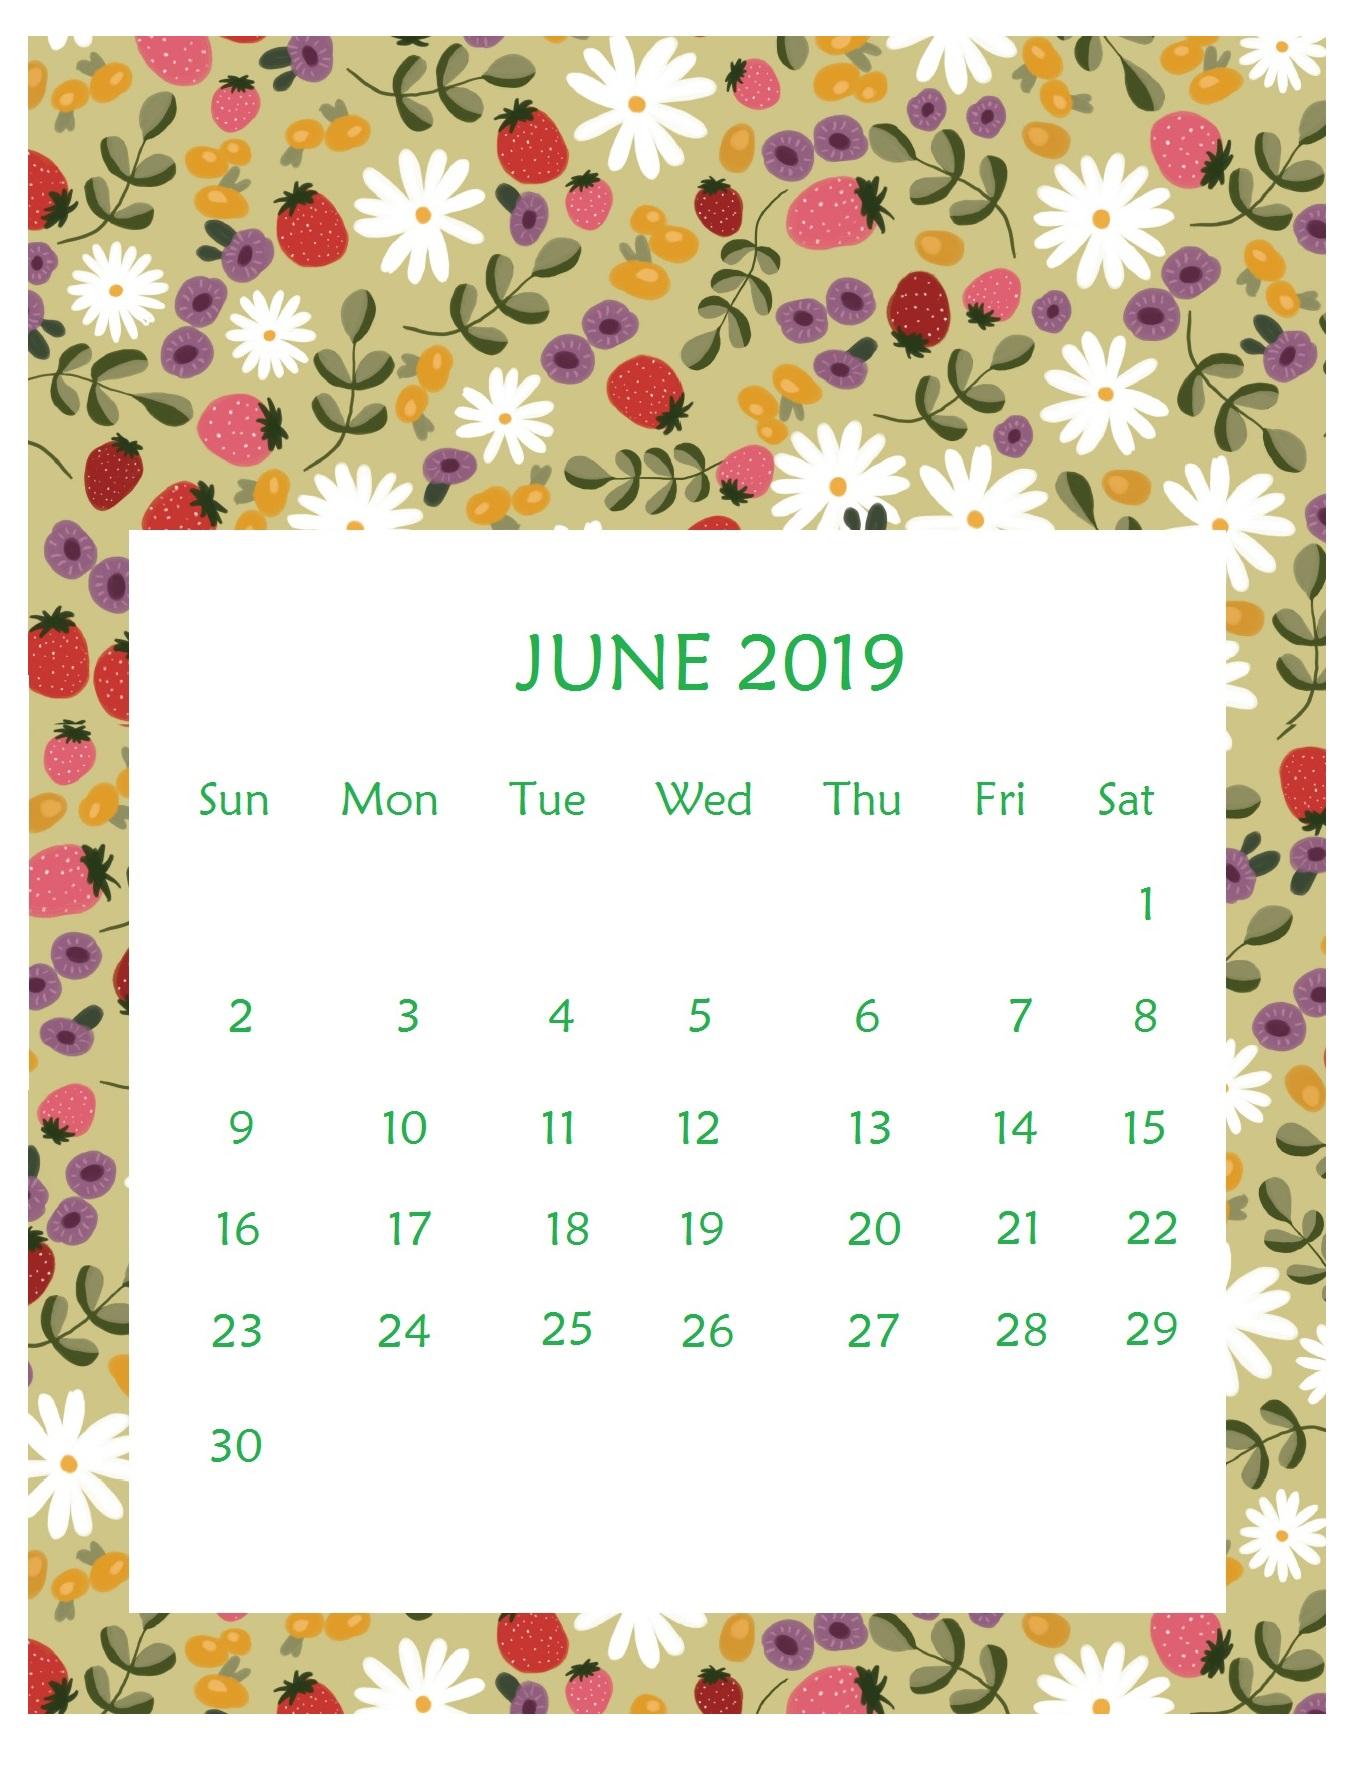 Print Beautiful June 2019 Calendar Template